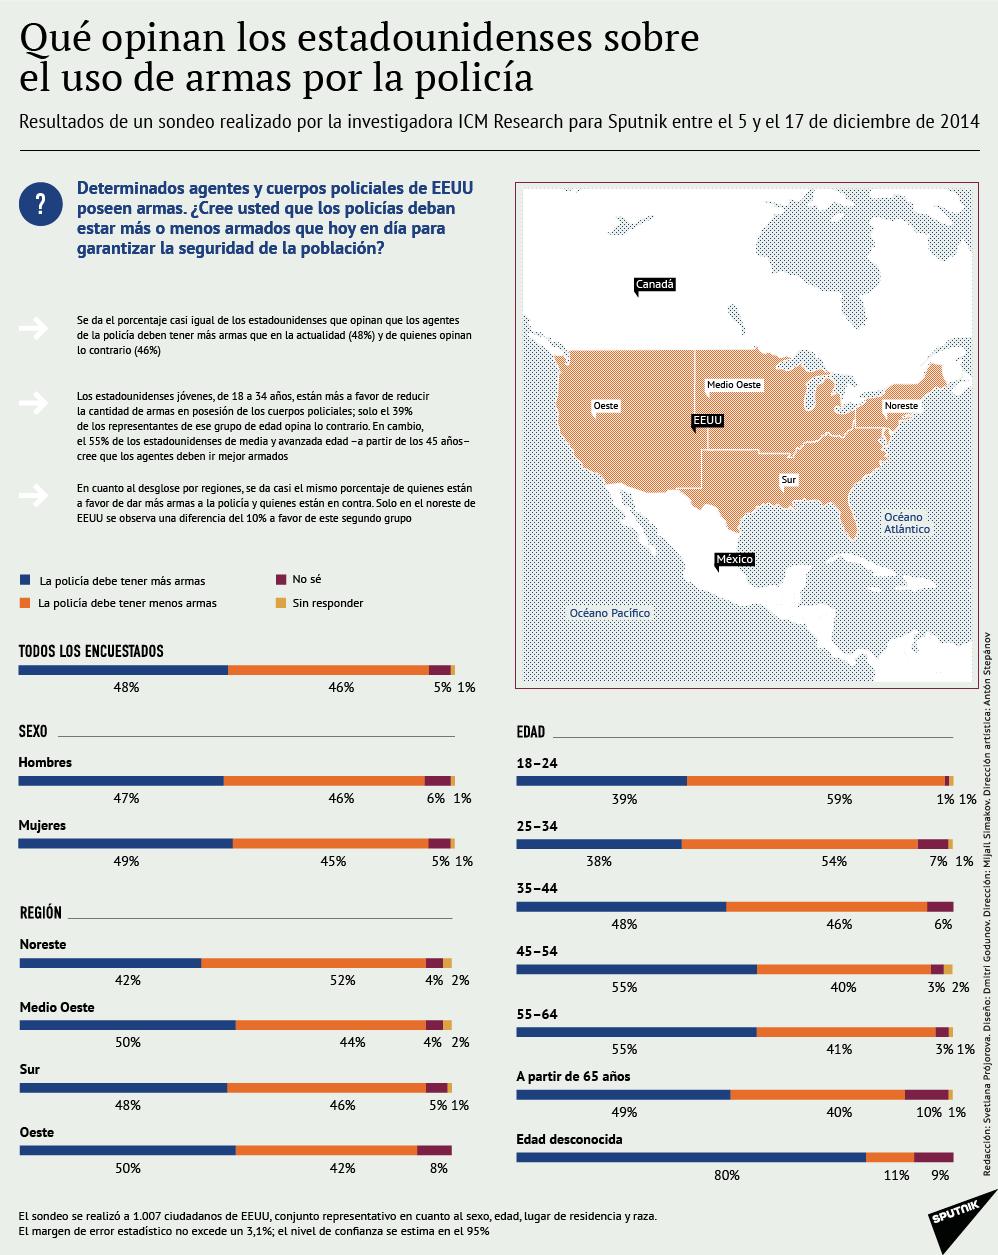 Qué opinan los estadounidenses sobre el uso de armas por la policía